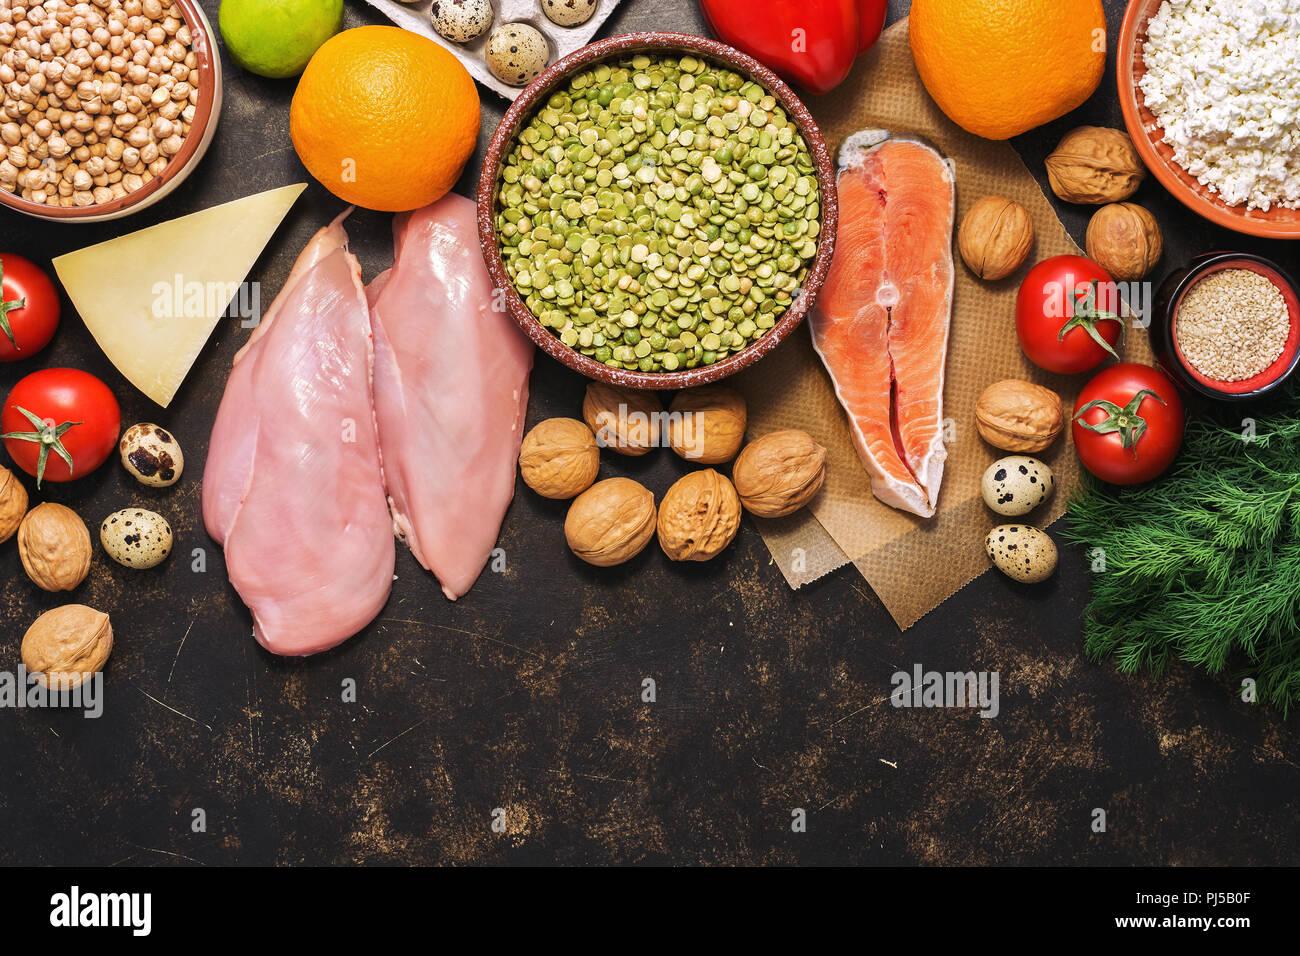 Un assortimento di cibi sani su uno sfondo scuro. Ortaggi, frutta, pesce, pollo, latticini, uova, i dadi. Vista superiore, lo spazio per il tuo testo. Lay piatto Immagini Stock